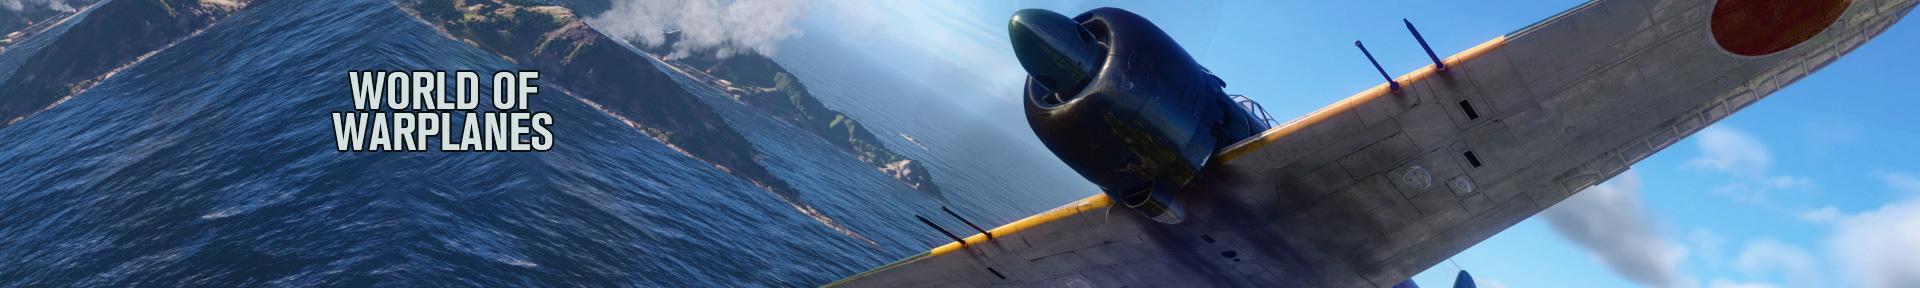 World of Warplanes Gold